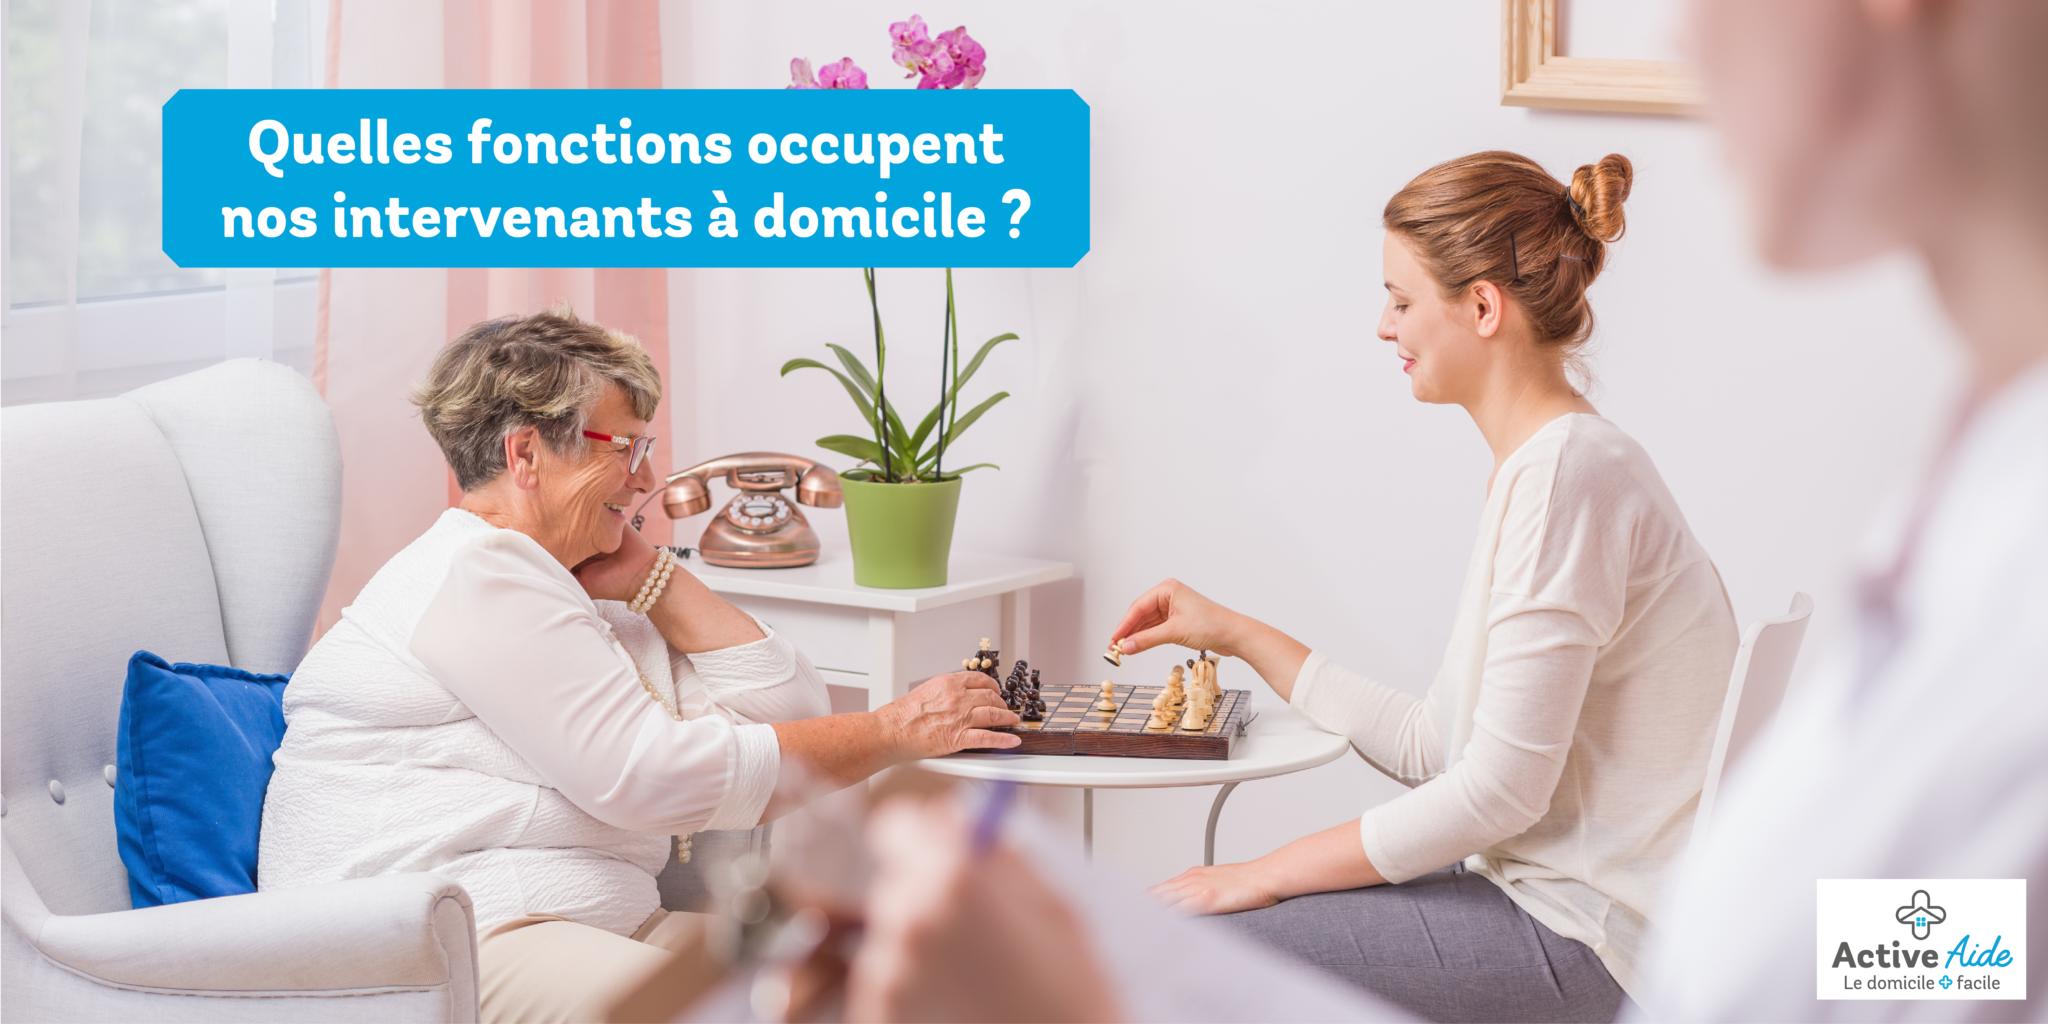 Quelles fonctions occupent nos intervenants à domicile ?